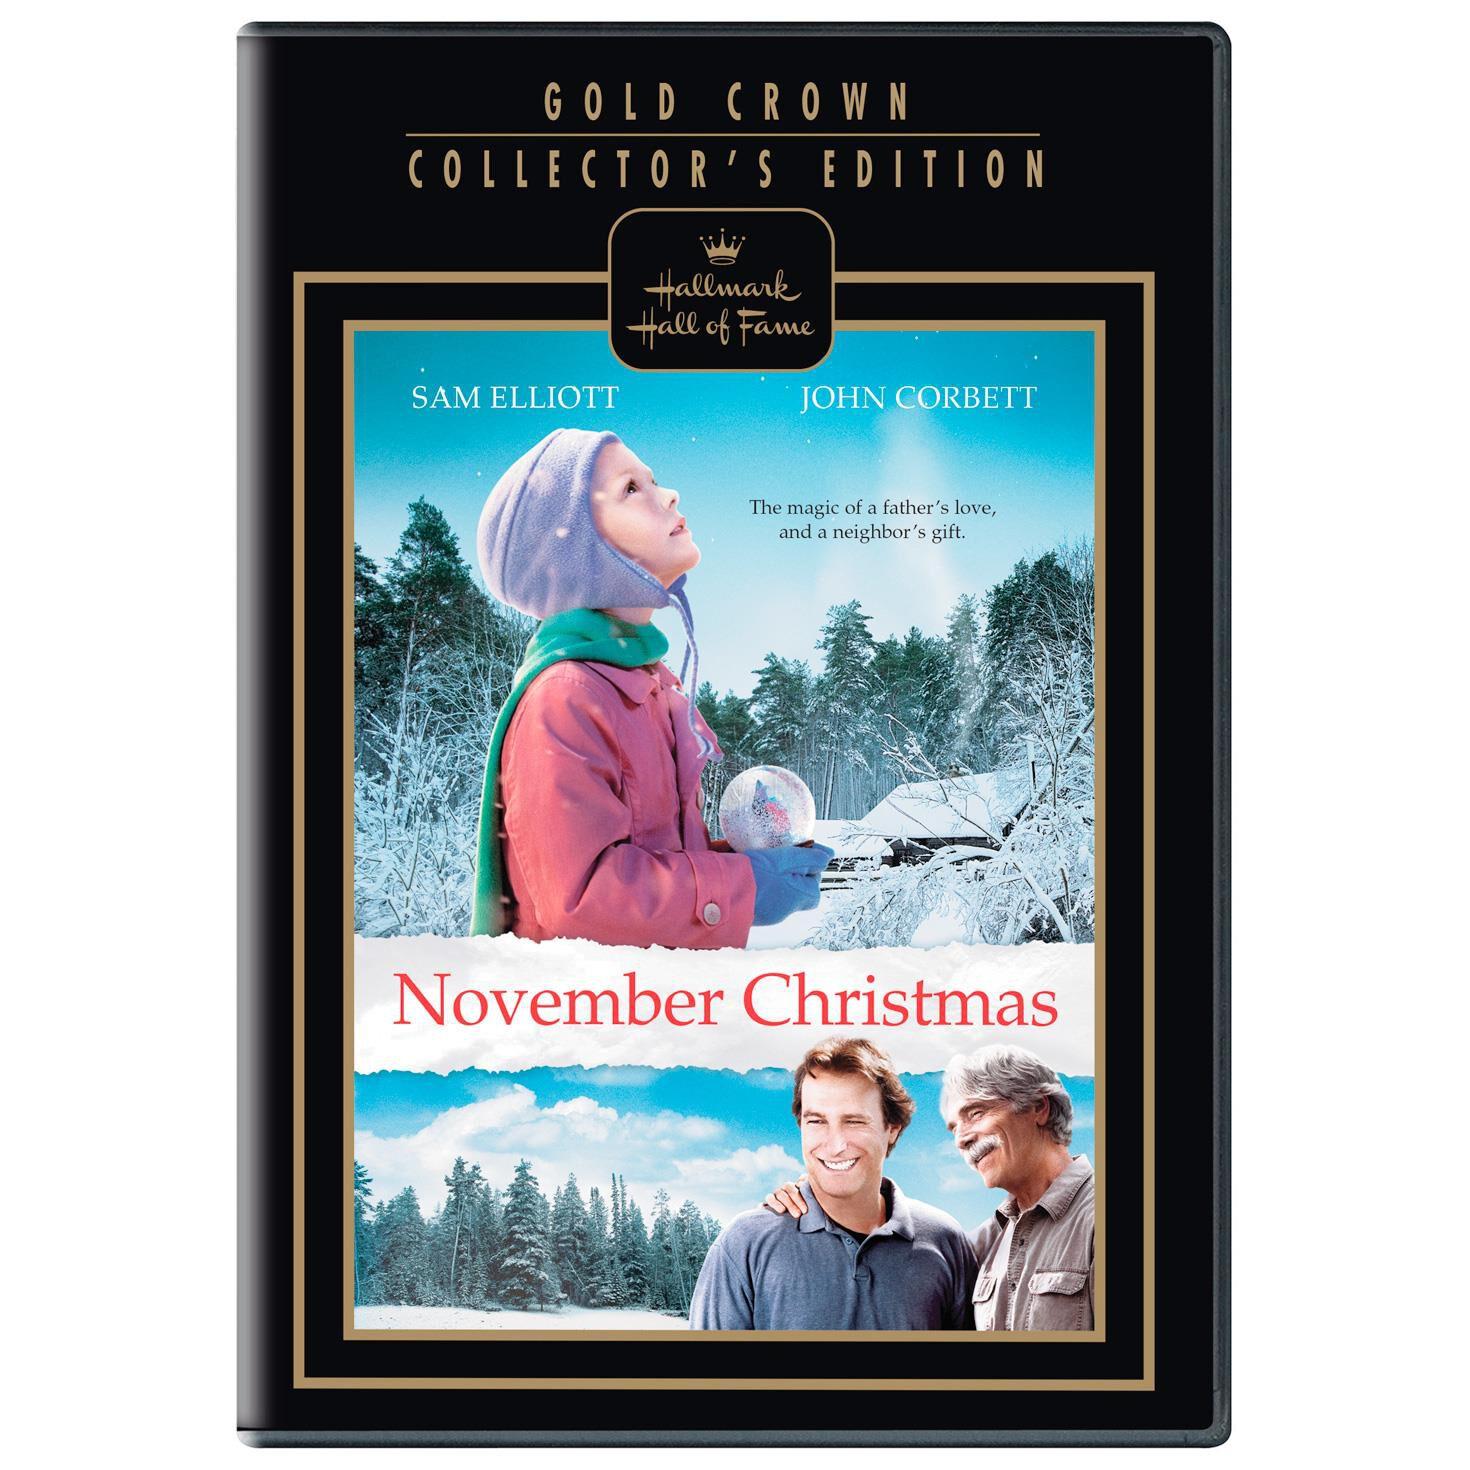 November Christmas DVD - Hallmark Hall of Fame - Hallmark